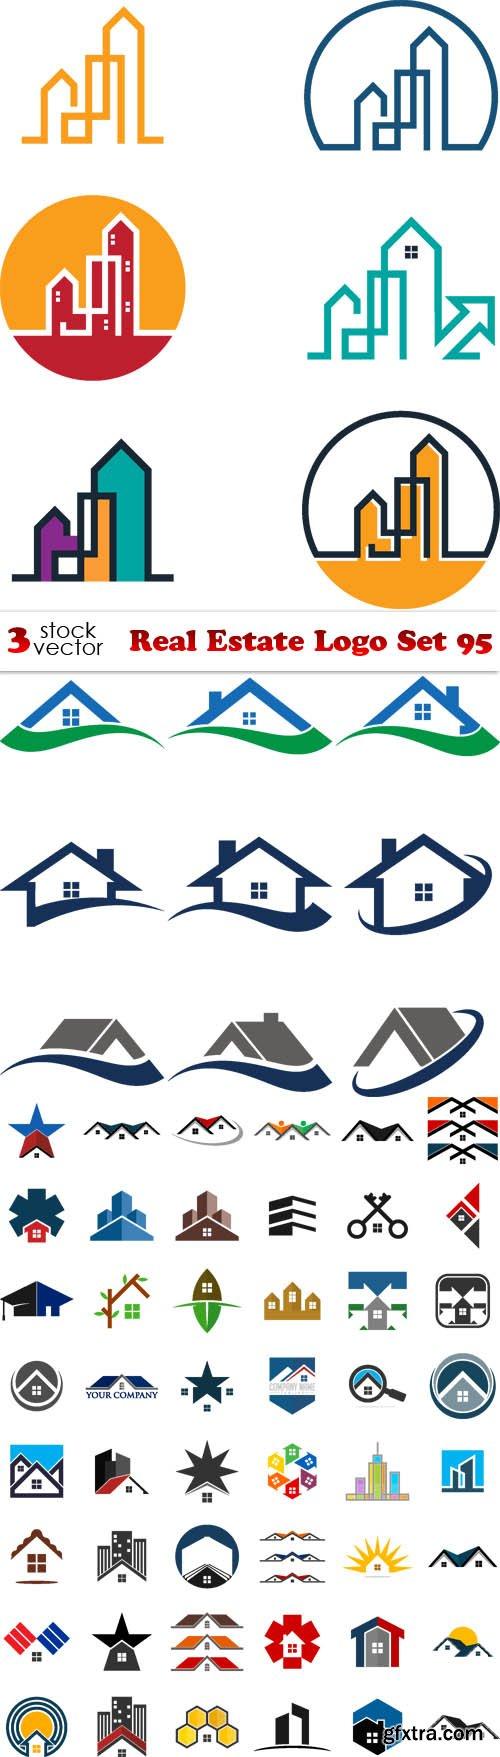 Vectors - Real Estate Logo Set 95